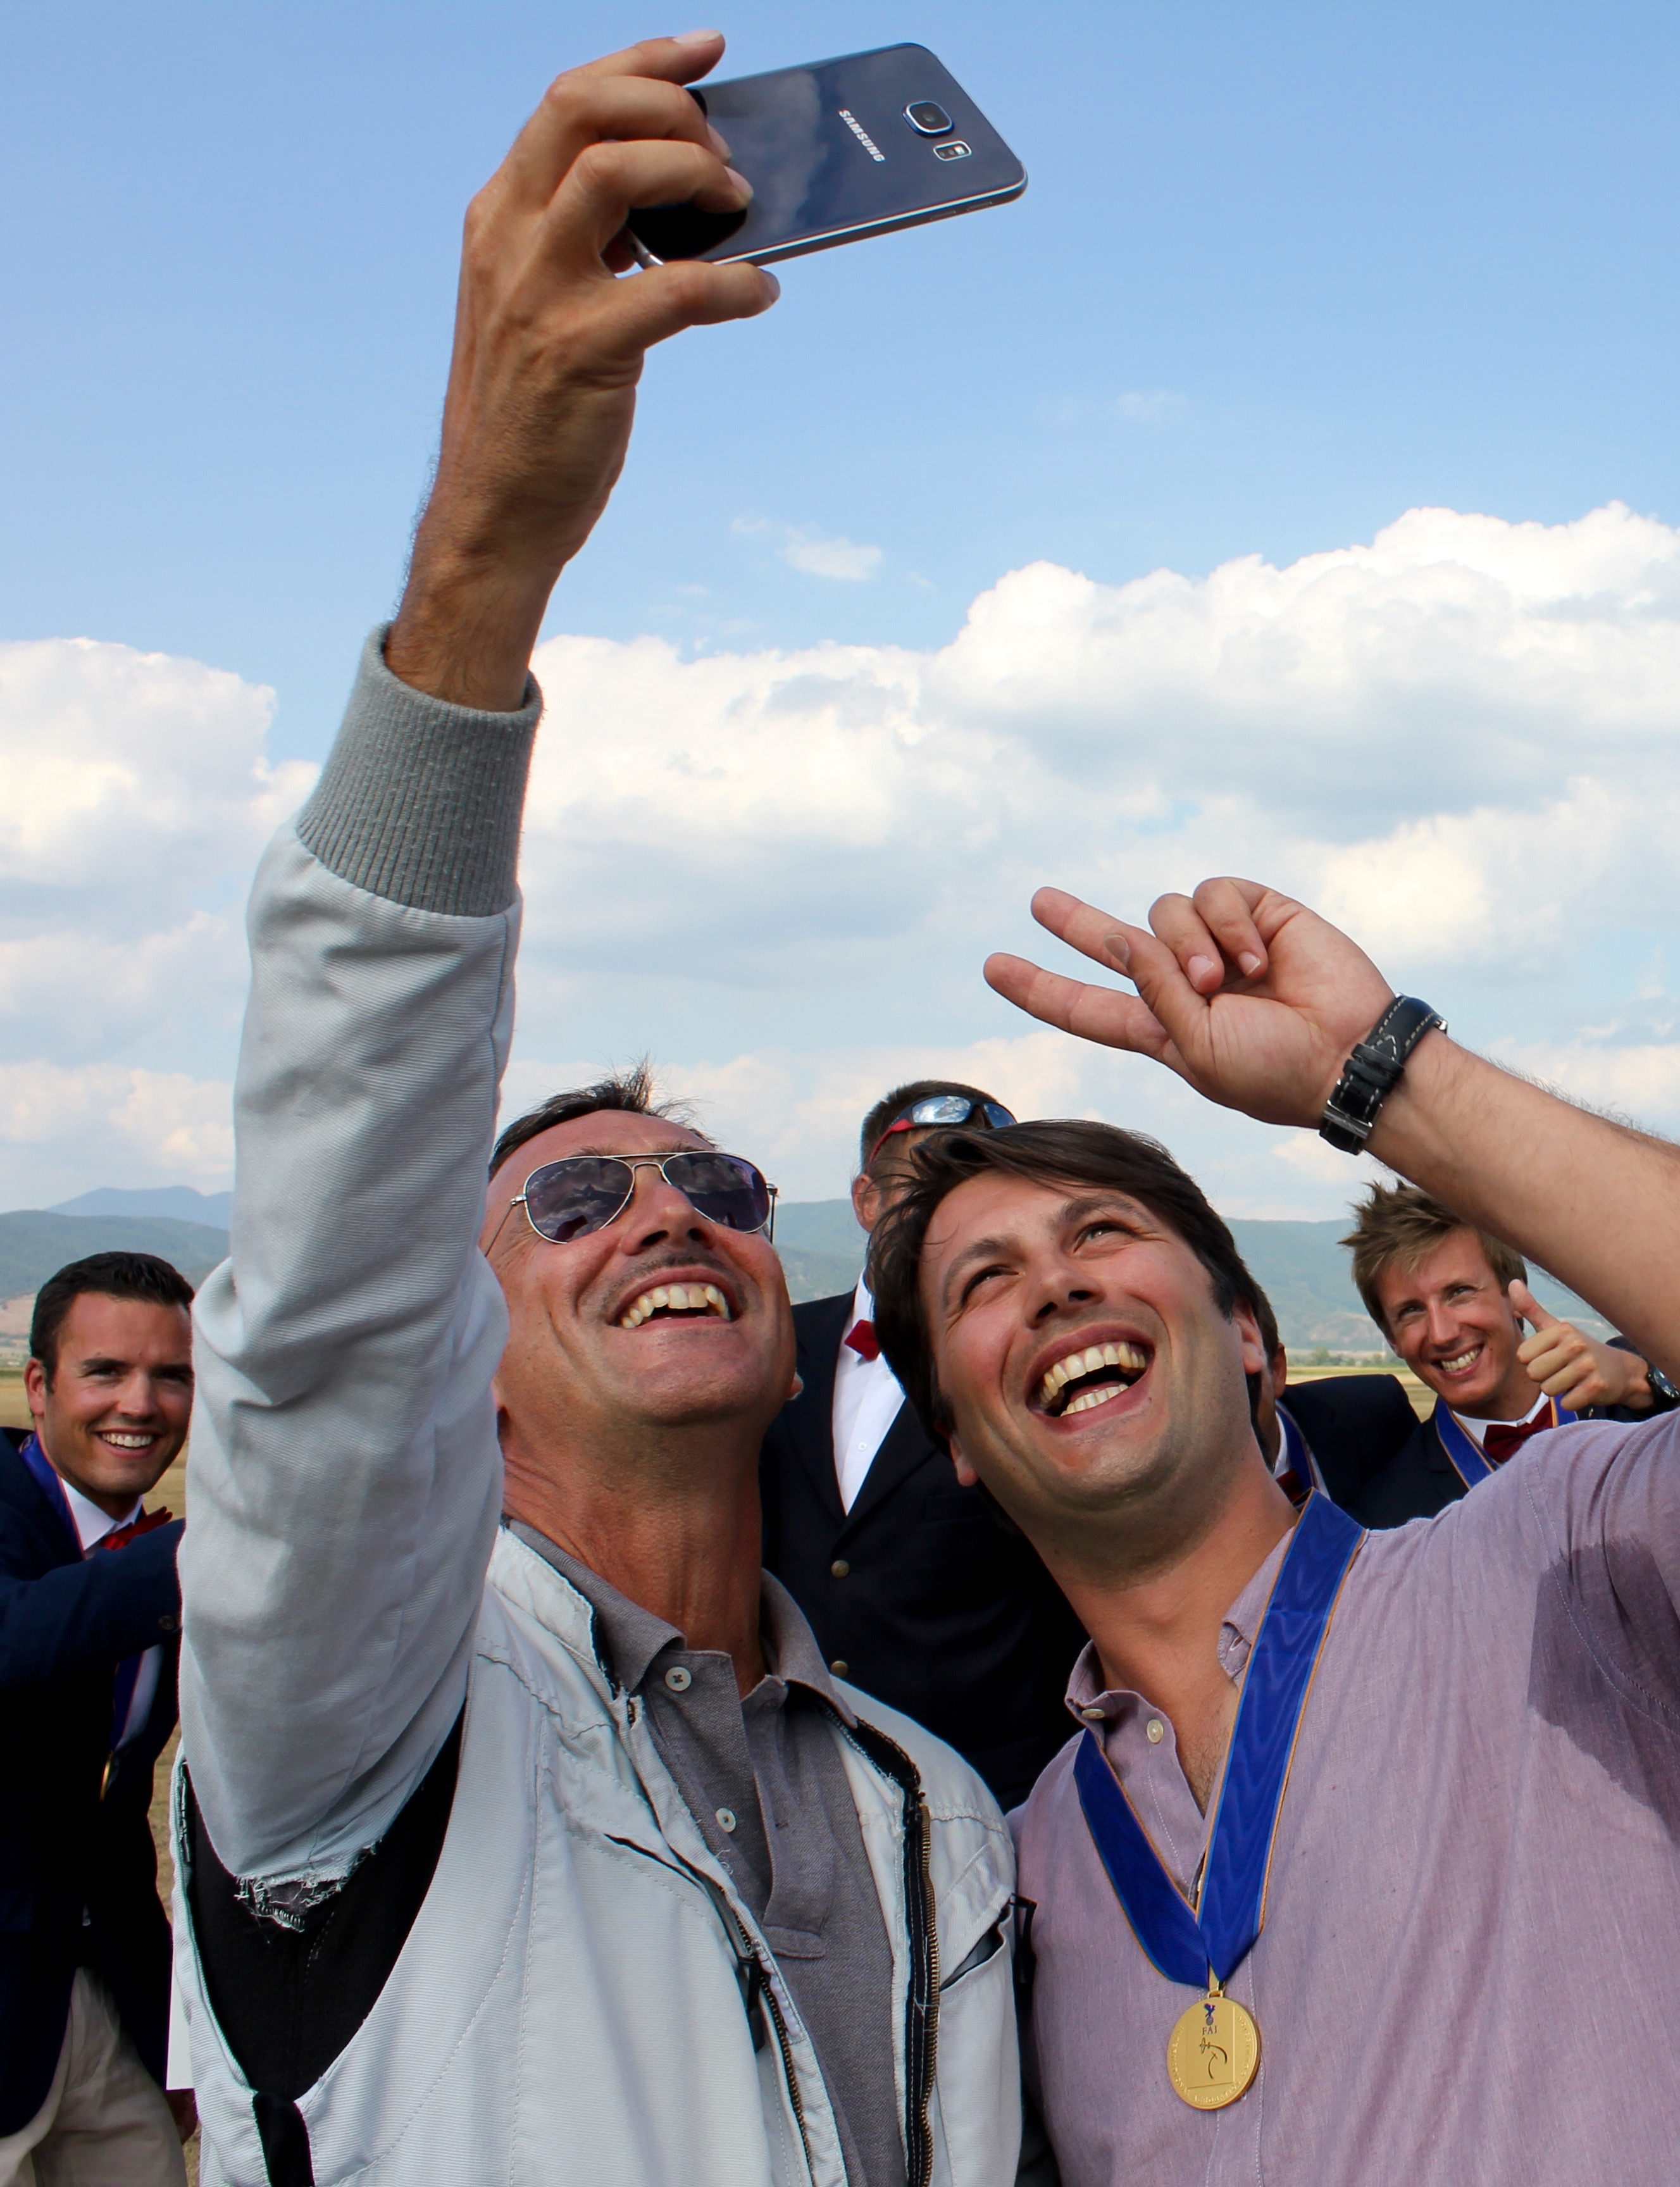 volo acrobatico: selfie